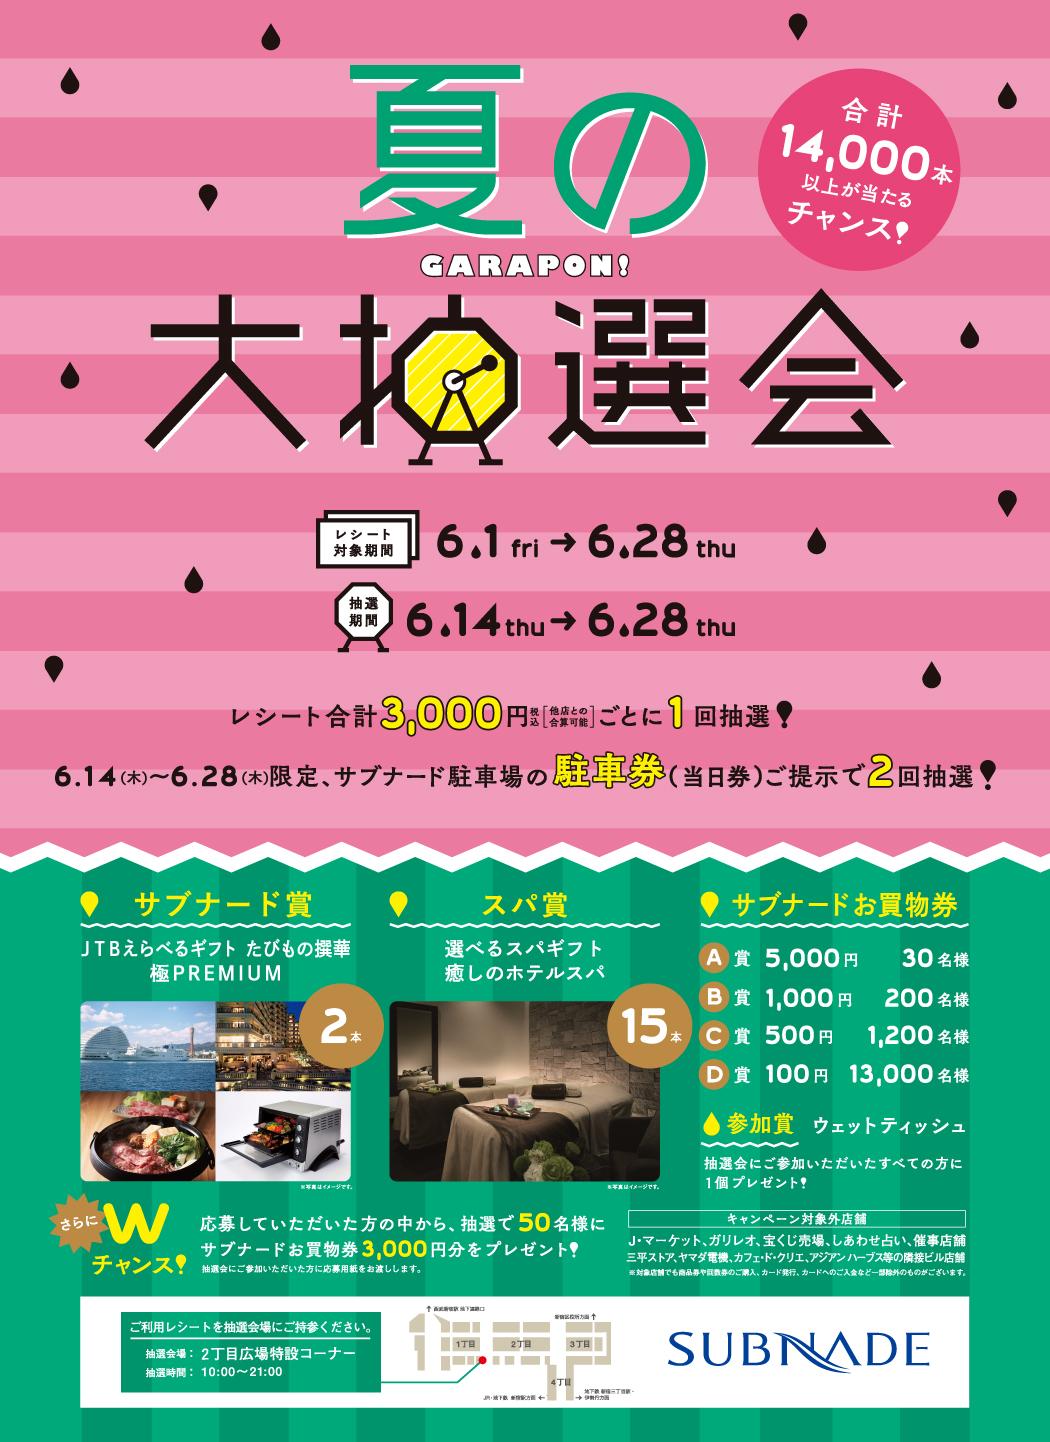 【新宿店】サブナード夏の大抽選会 事前告知